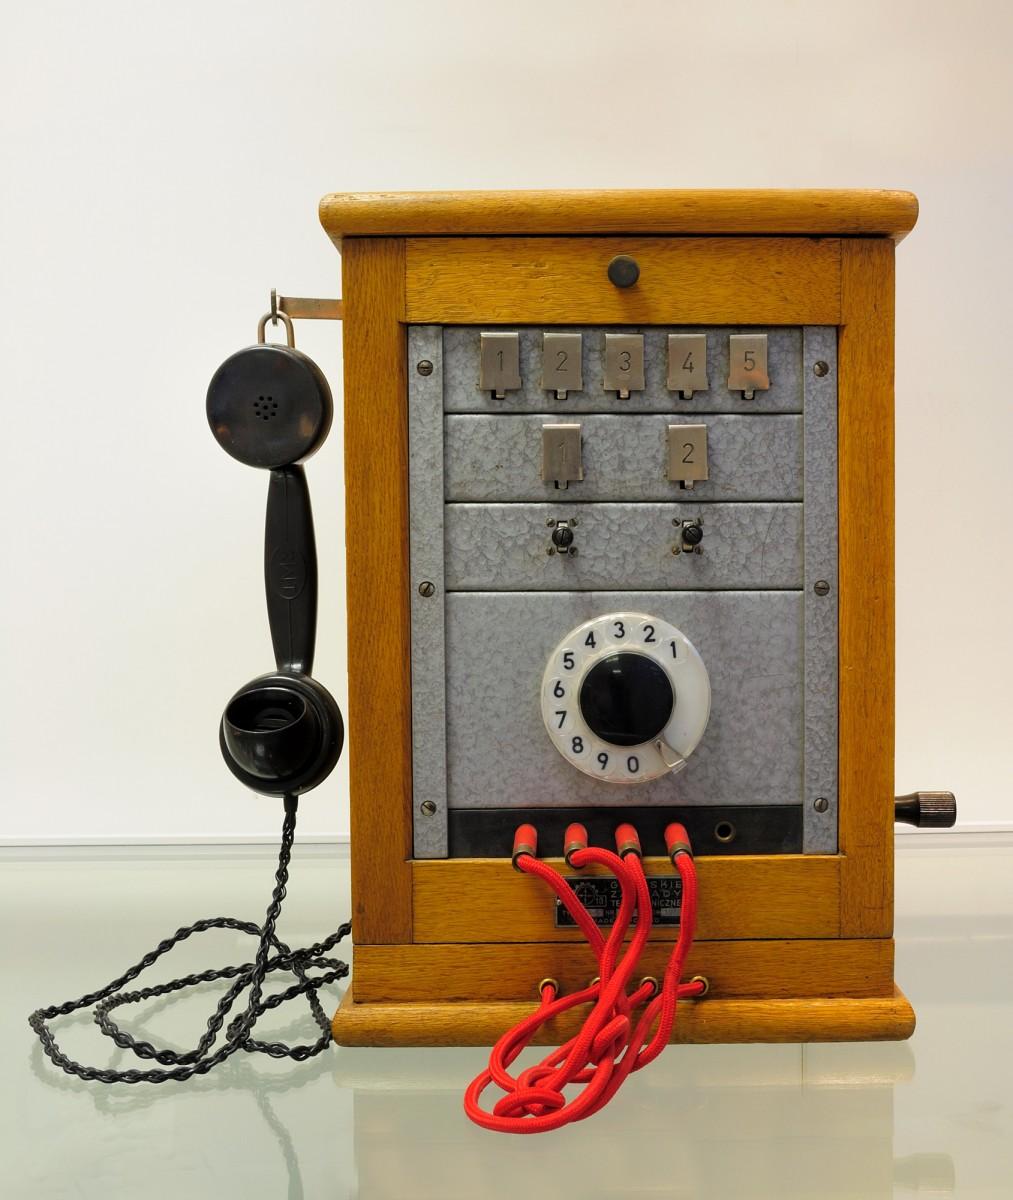 Ο Επιτραπέζιος Μεταλλάκτης της δεκαετίας του 1960 που χρησιμοποιούσαν οι τηλεφωνήτριες. Μουσείο Τηλεπικοινωνιών ΟΤΕ